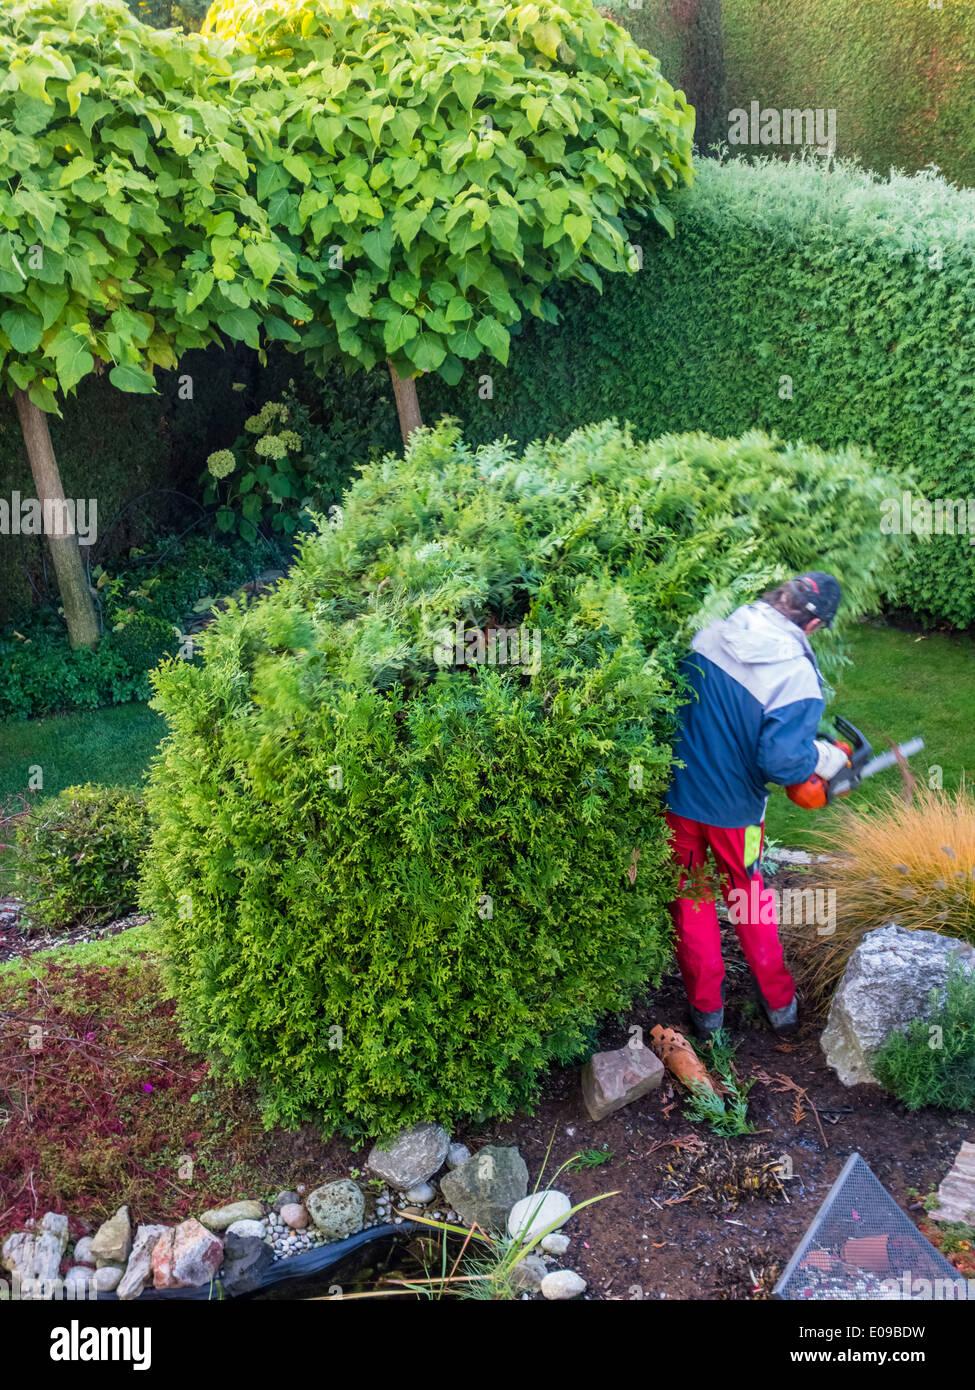 A gardener re-edits a Thuje. Works in the garden., Ein Gaertner schneidet eine Thuje um. Arbeiten im Garten. Stock Photo